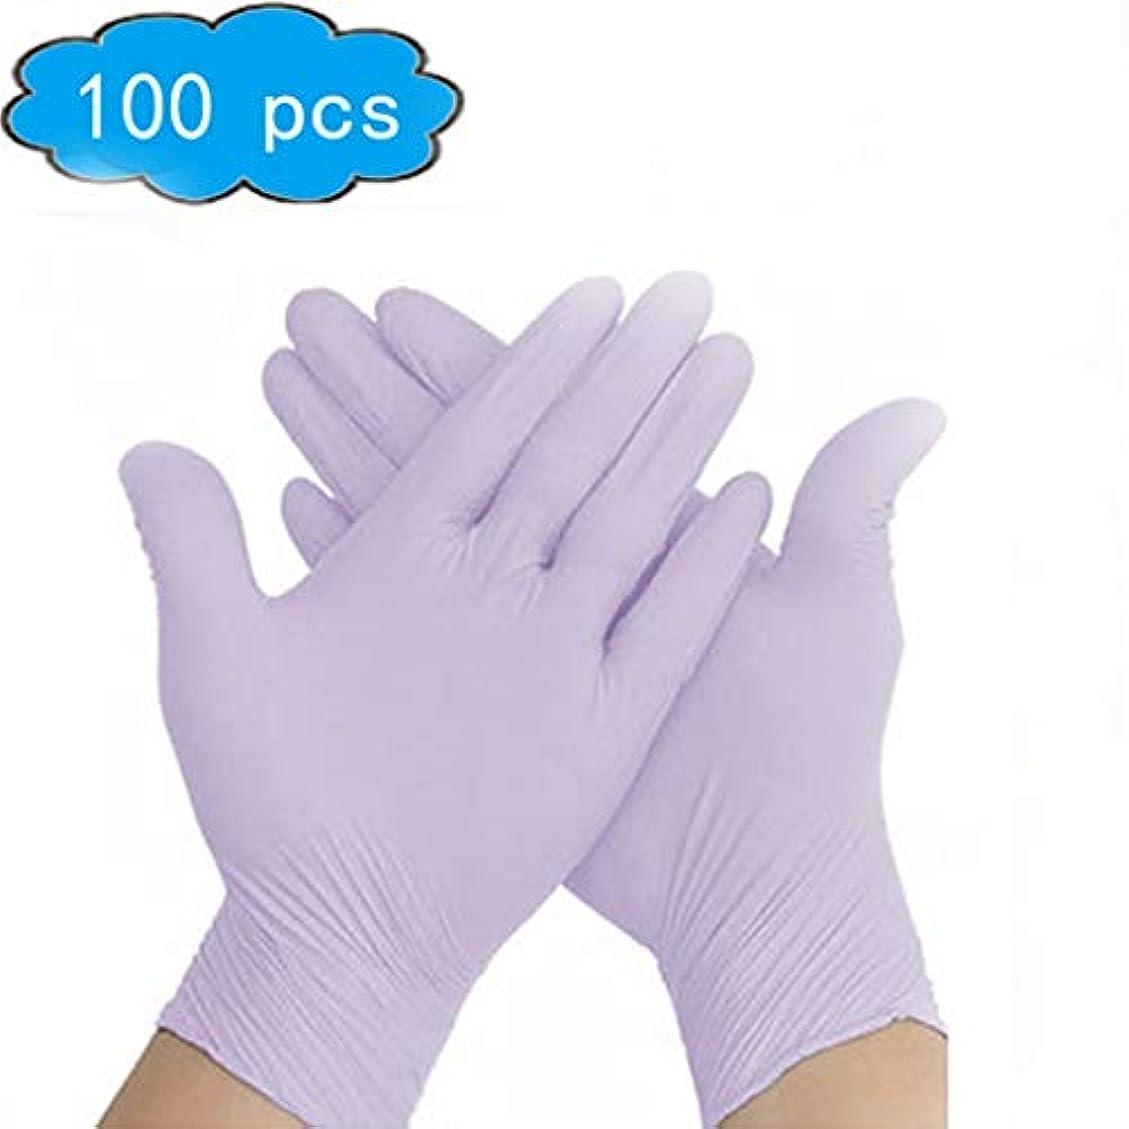 ズームスクラブリーズニトリル手袋 - 医療用グレード、パウダーフリー、使い捨て、非滅菌、食品安全、テクスチャード加工、紫色、便利なディスペンサーパッケージ100、中サイズ、サニタリー手袋 (Color : Purple, Size : L)